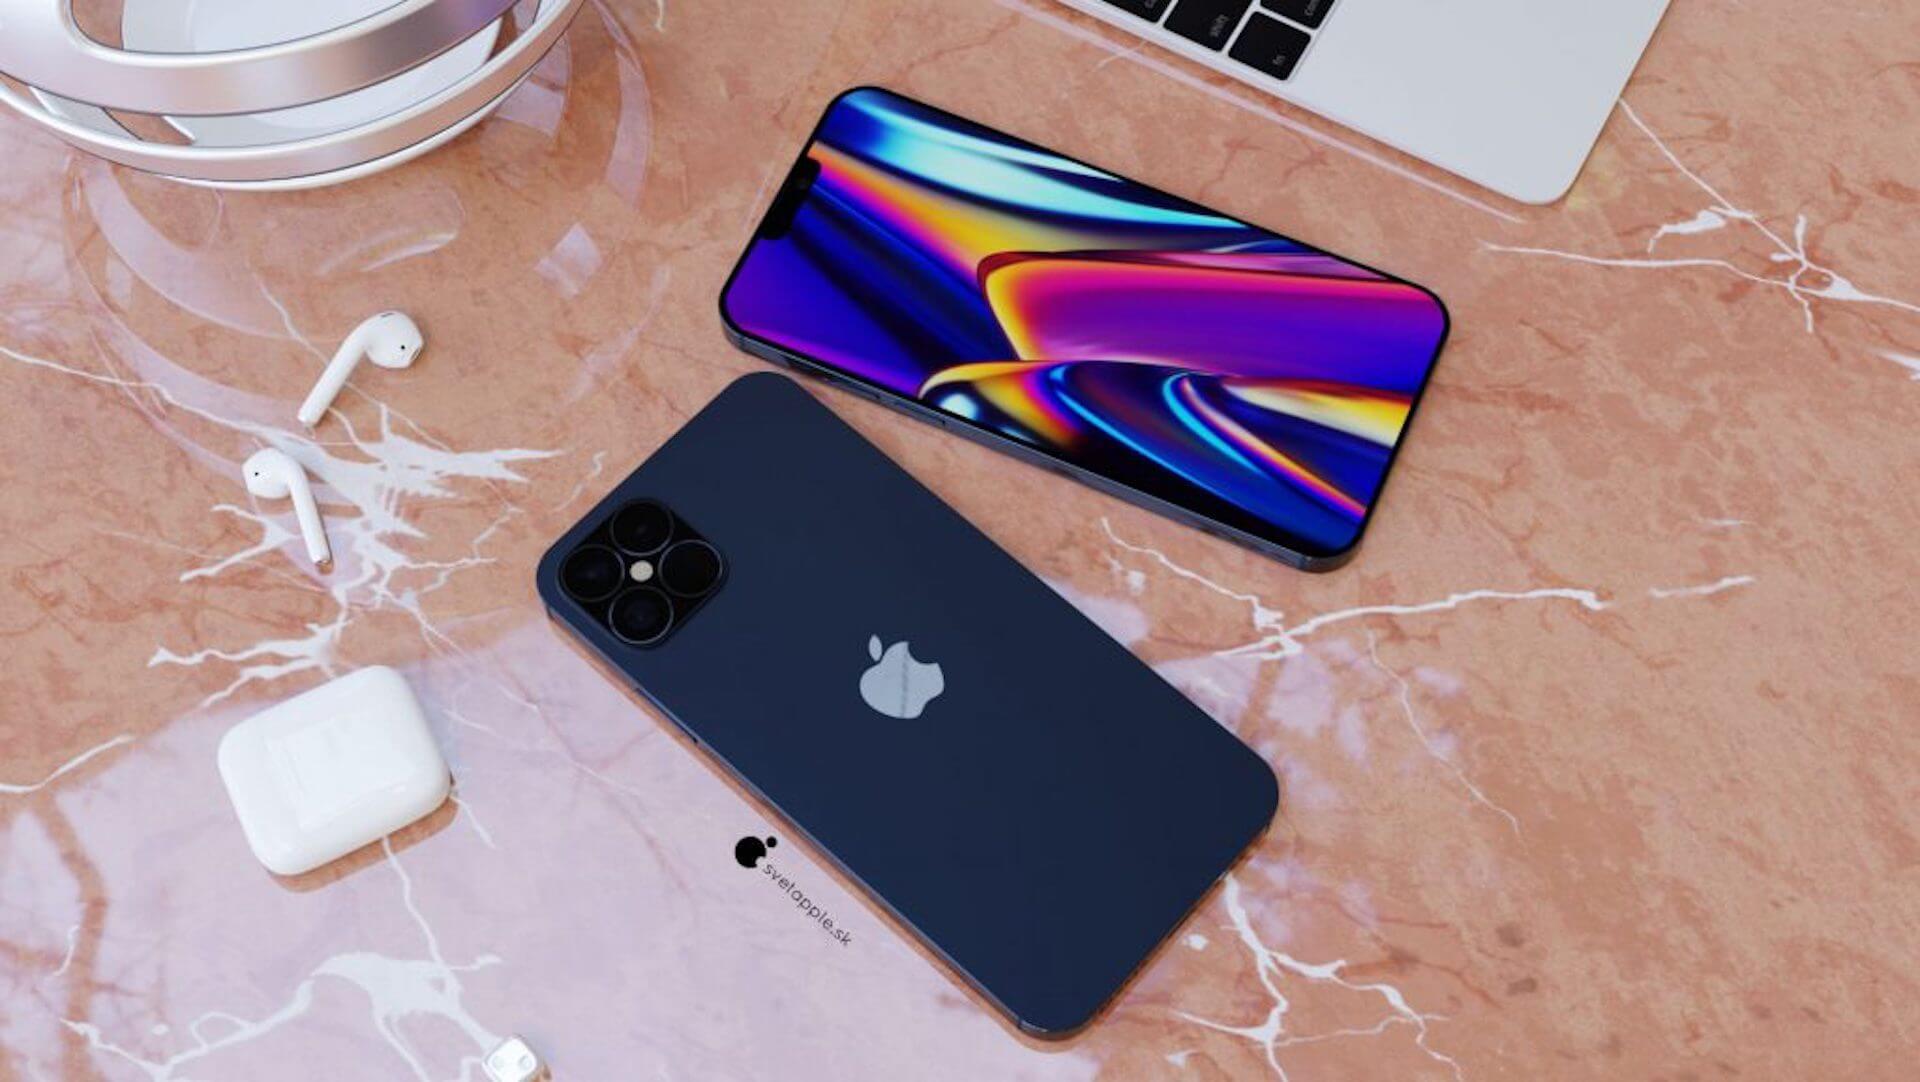 新色ネイビーブルーのiPhone 12 Proはこんなデザイン?最新レンダリング画像が公開 tech200611_iphone12_1